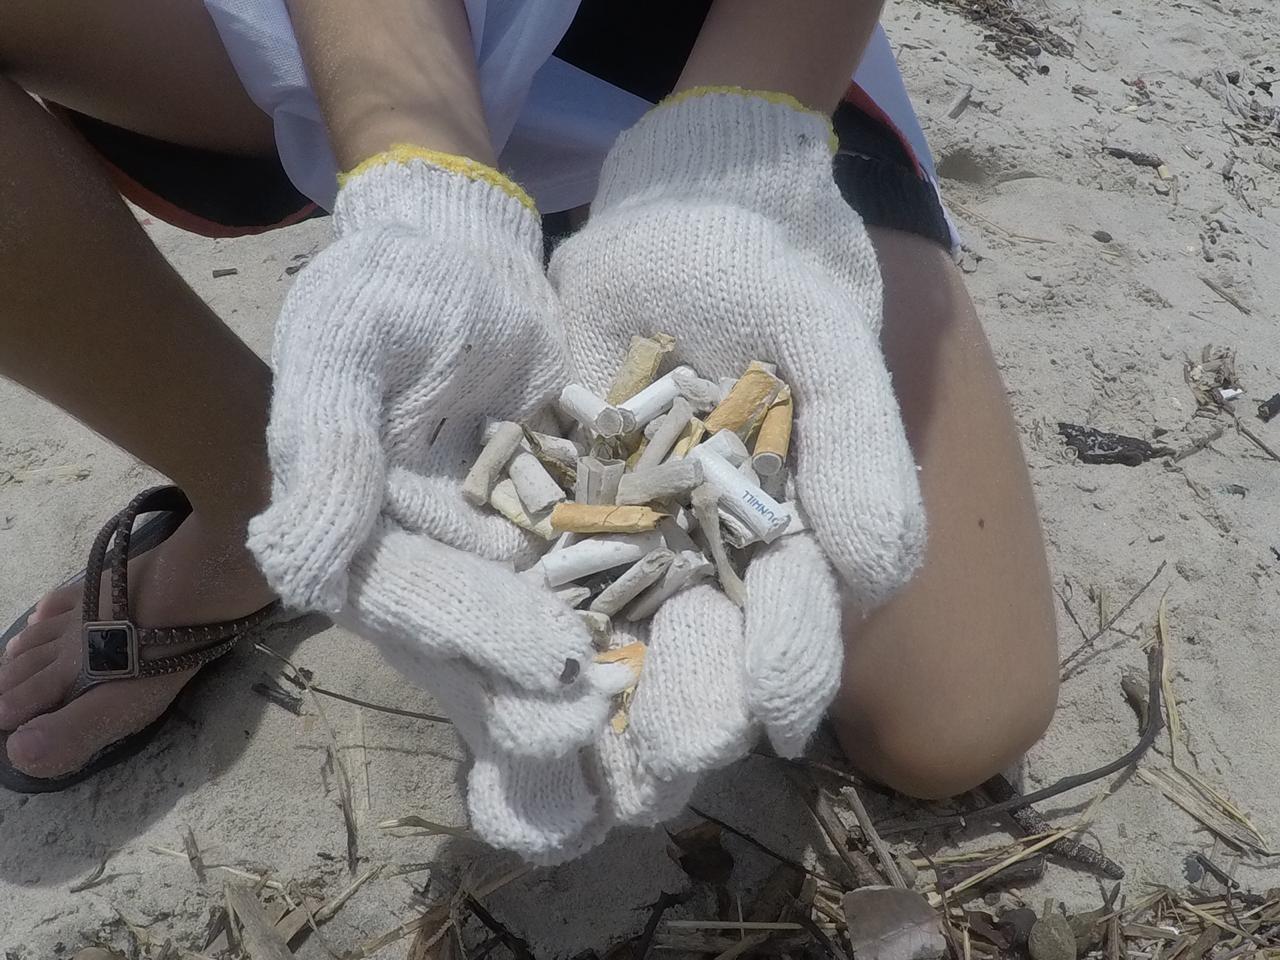 As crianças têm aulas de surf, aprendem sobre a conservação da natureza e recolhem resíduos na praia (Foto: Divulgação)